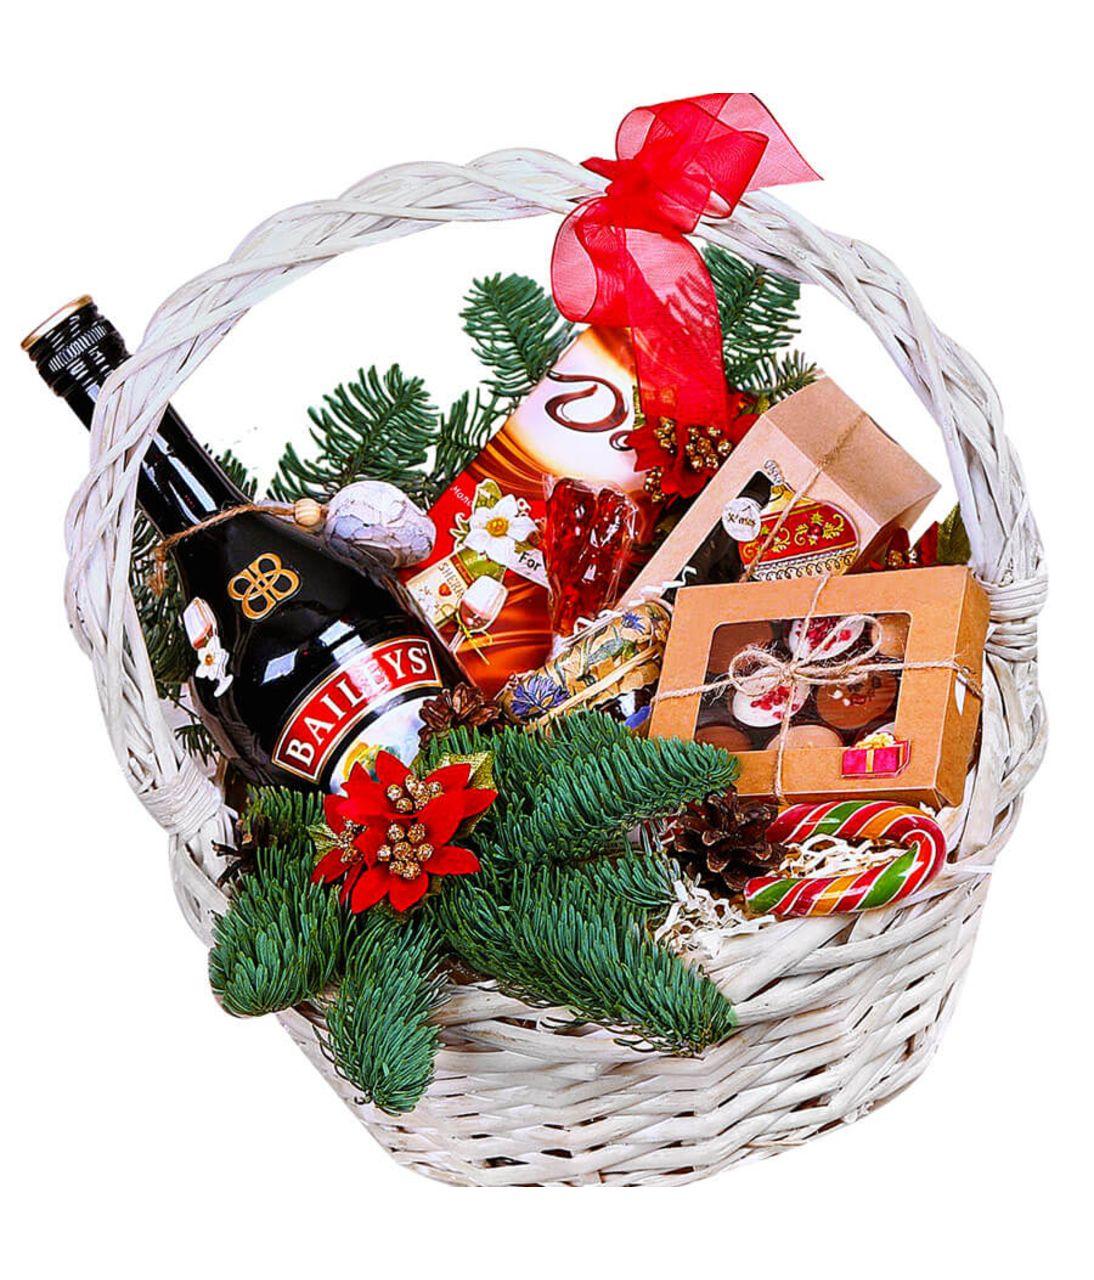 Подарочная новогодняя корзина. superflowers.com.ua. Купить корзину с доставкой по Киеву и Украине